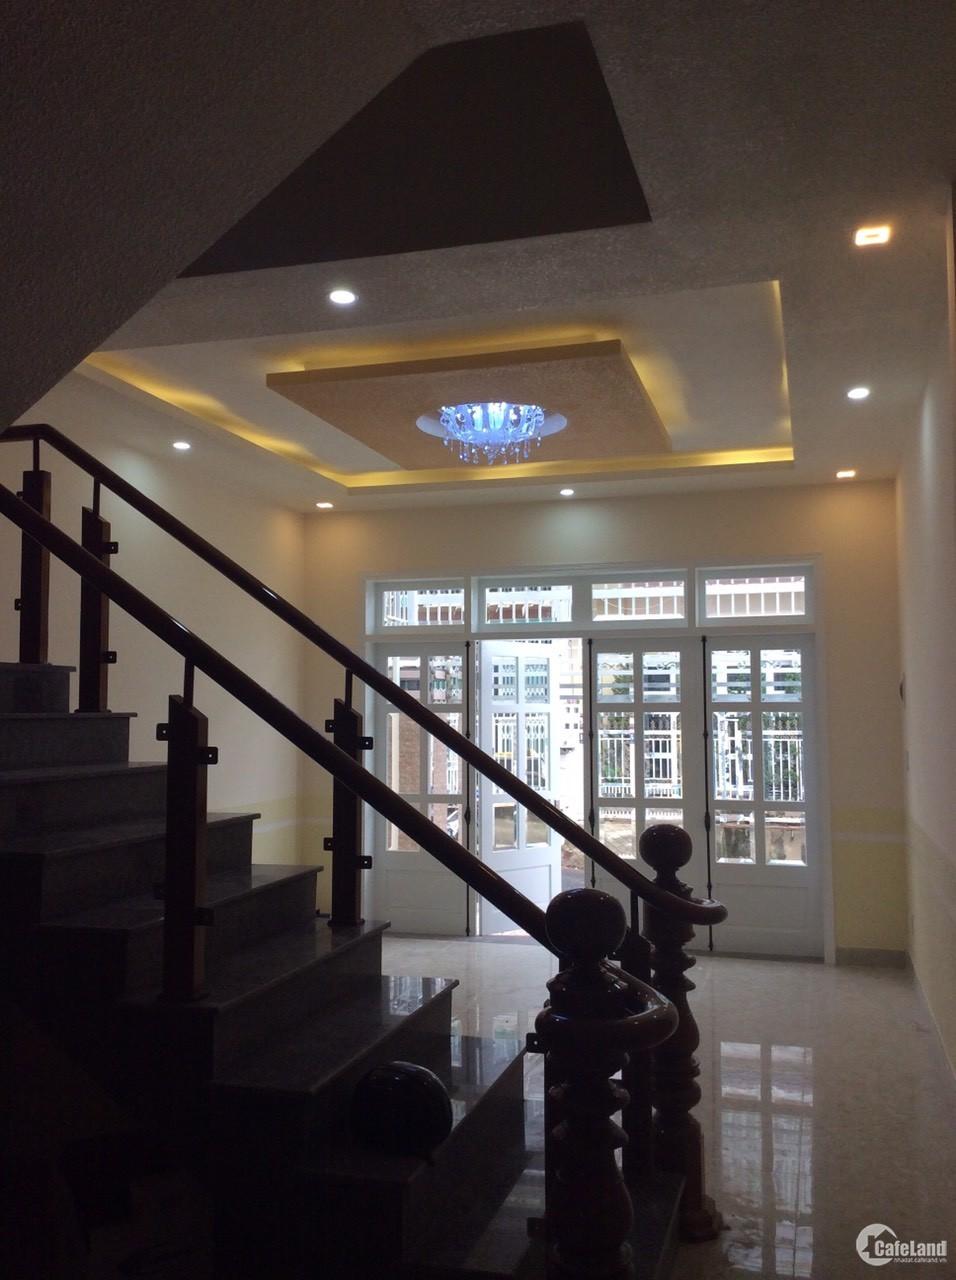 Bán nhà đồi 52 đường Trần Anh Tông, phường 8, TP. Đà Lạt, giá tốt